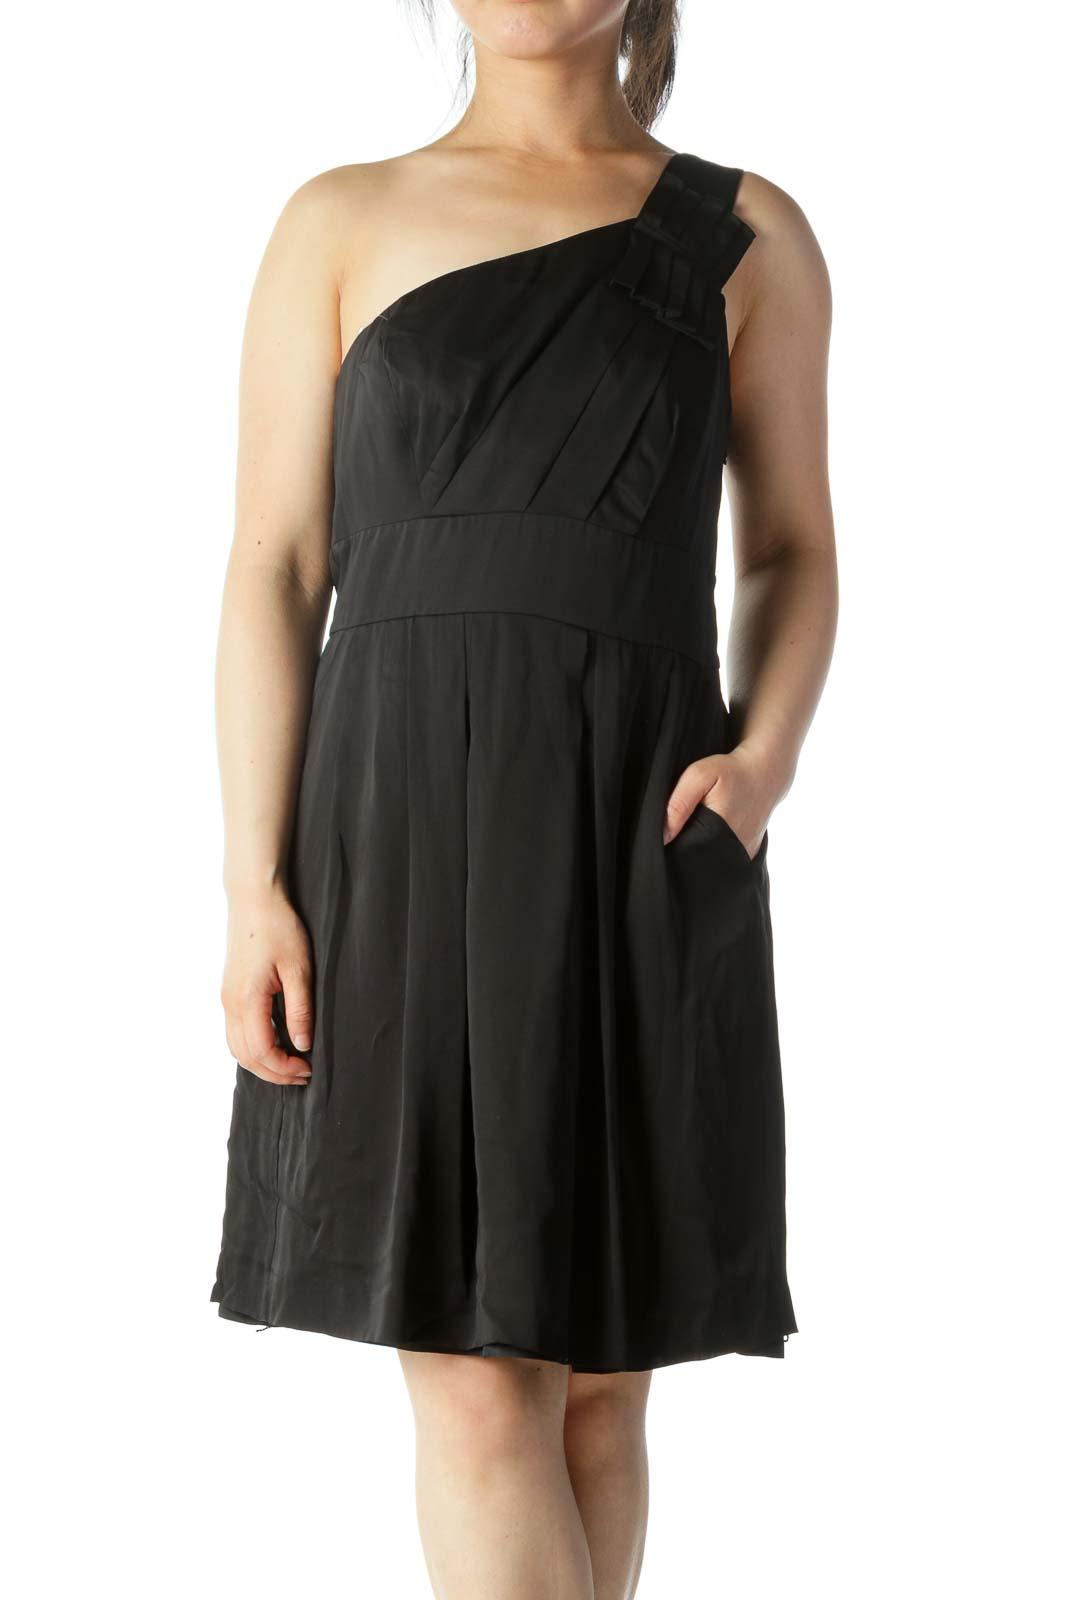 Black Silk One-Shoulder Cocktail Dress Front